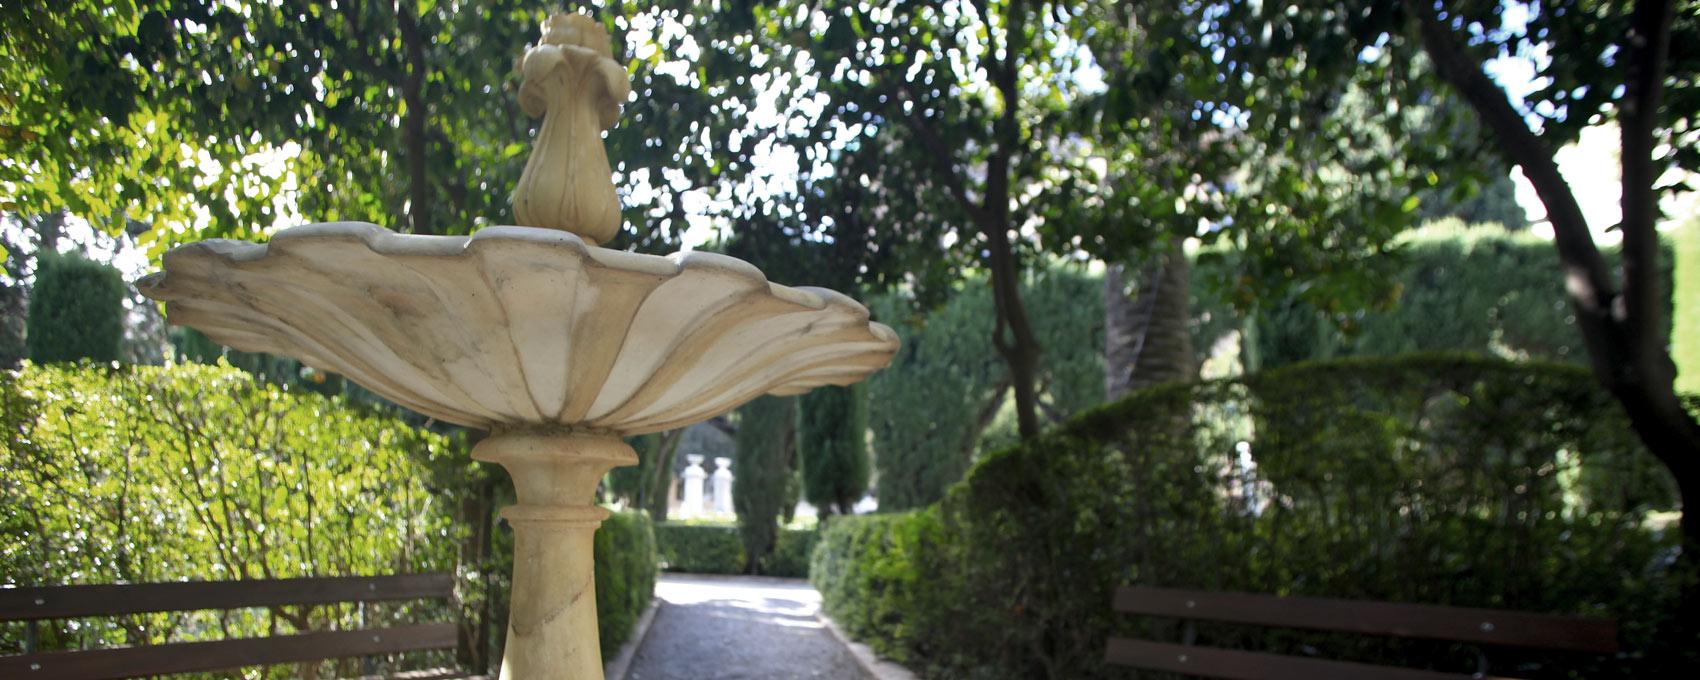 La font dels tarongers o jardinet de la font, contigu al roserar, està situat en la zona triangular entre el parterre vell i el nou. Quasi totes les espècies que l'envolten són aromàtiques